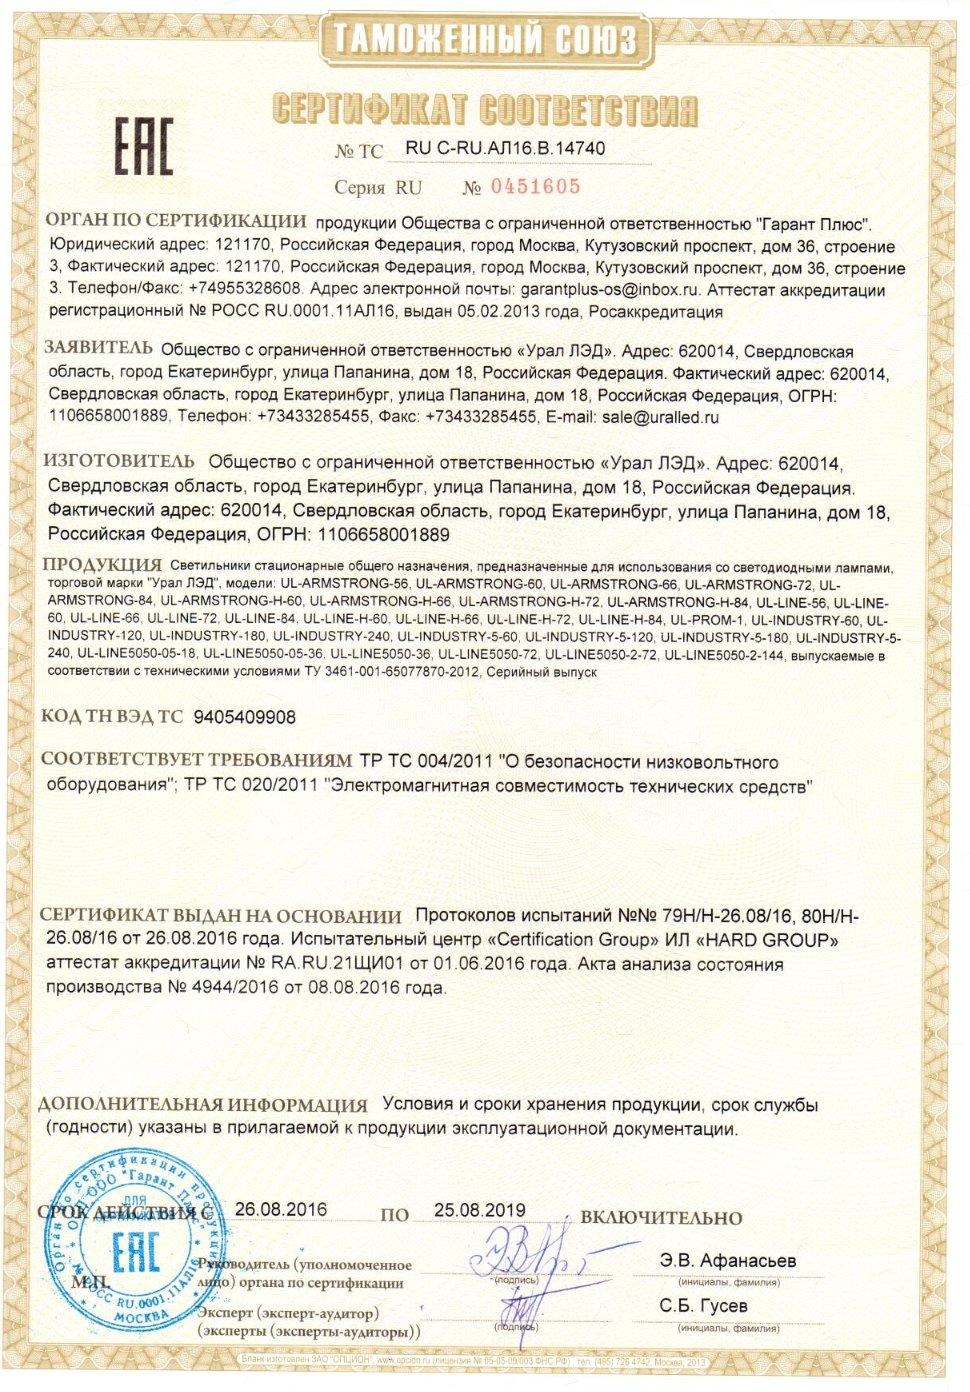 Сертификация детской одежды в москве сертификация оборудования фото на холсте москва